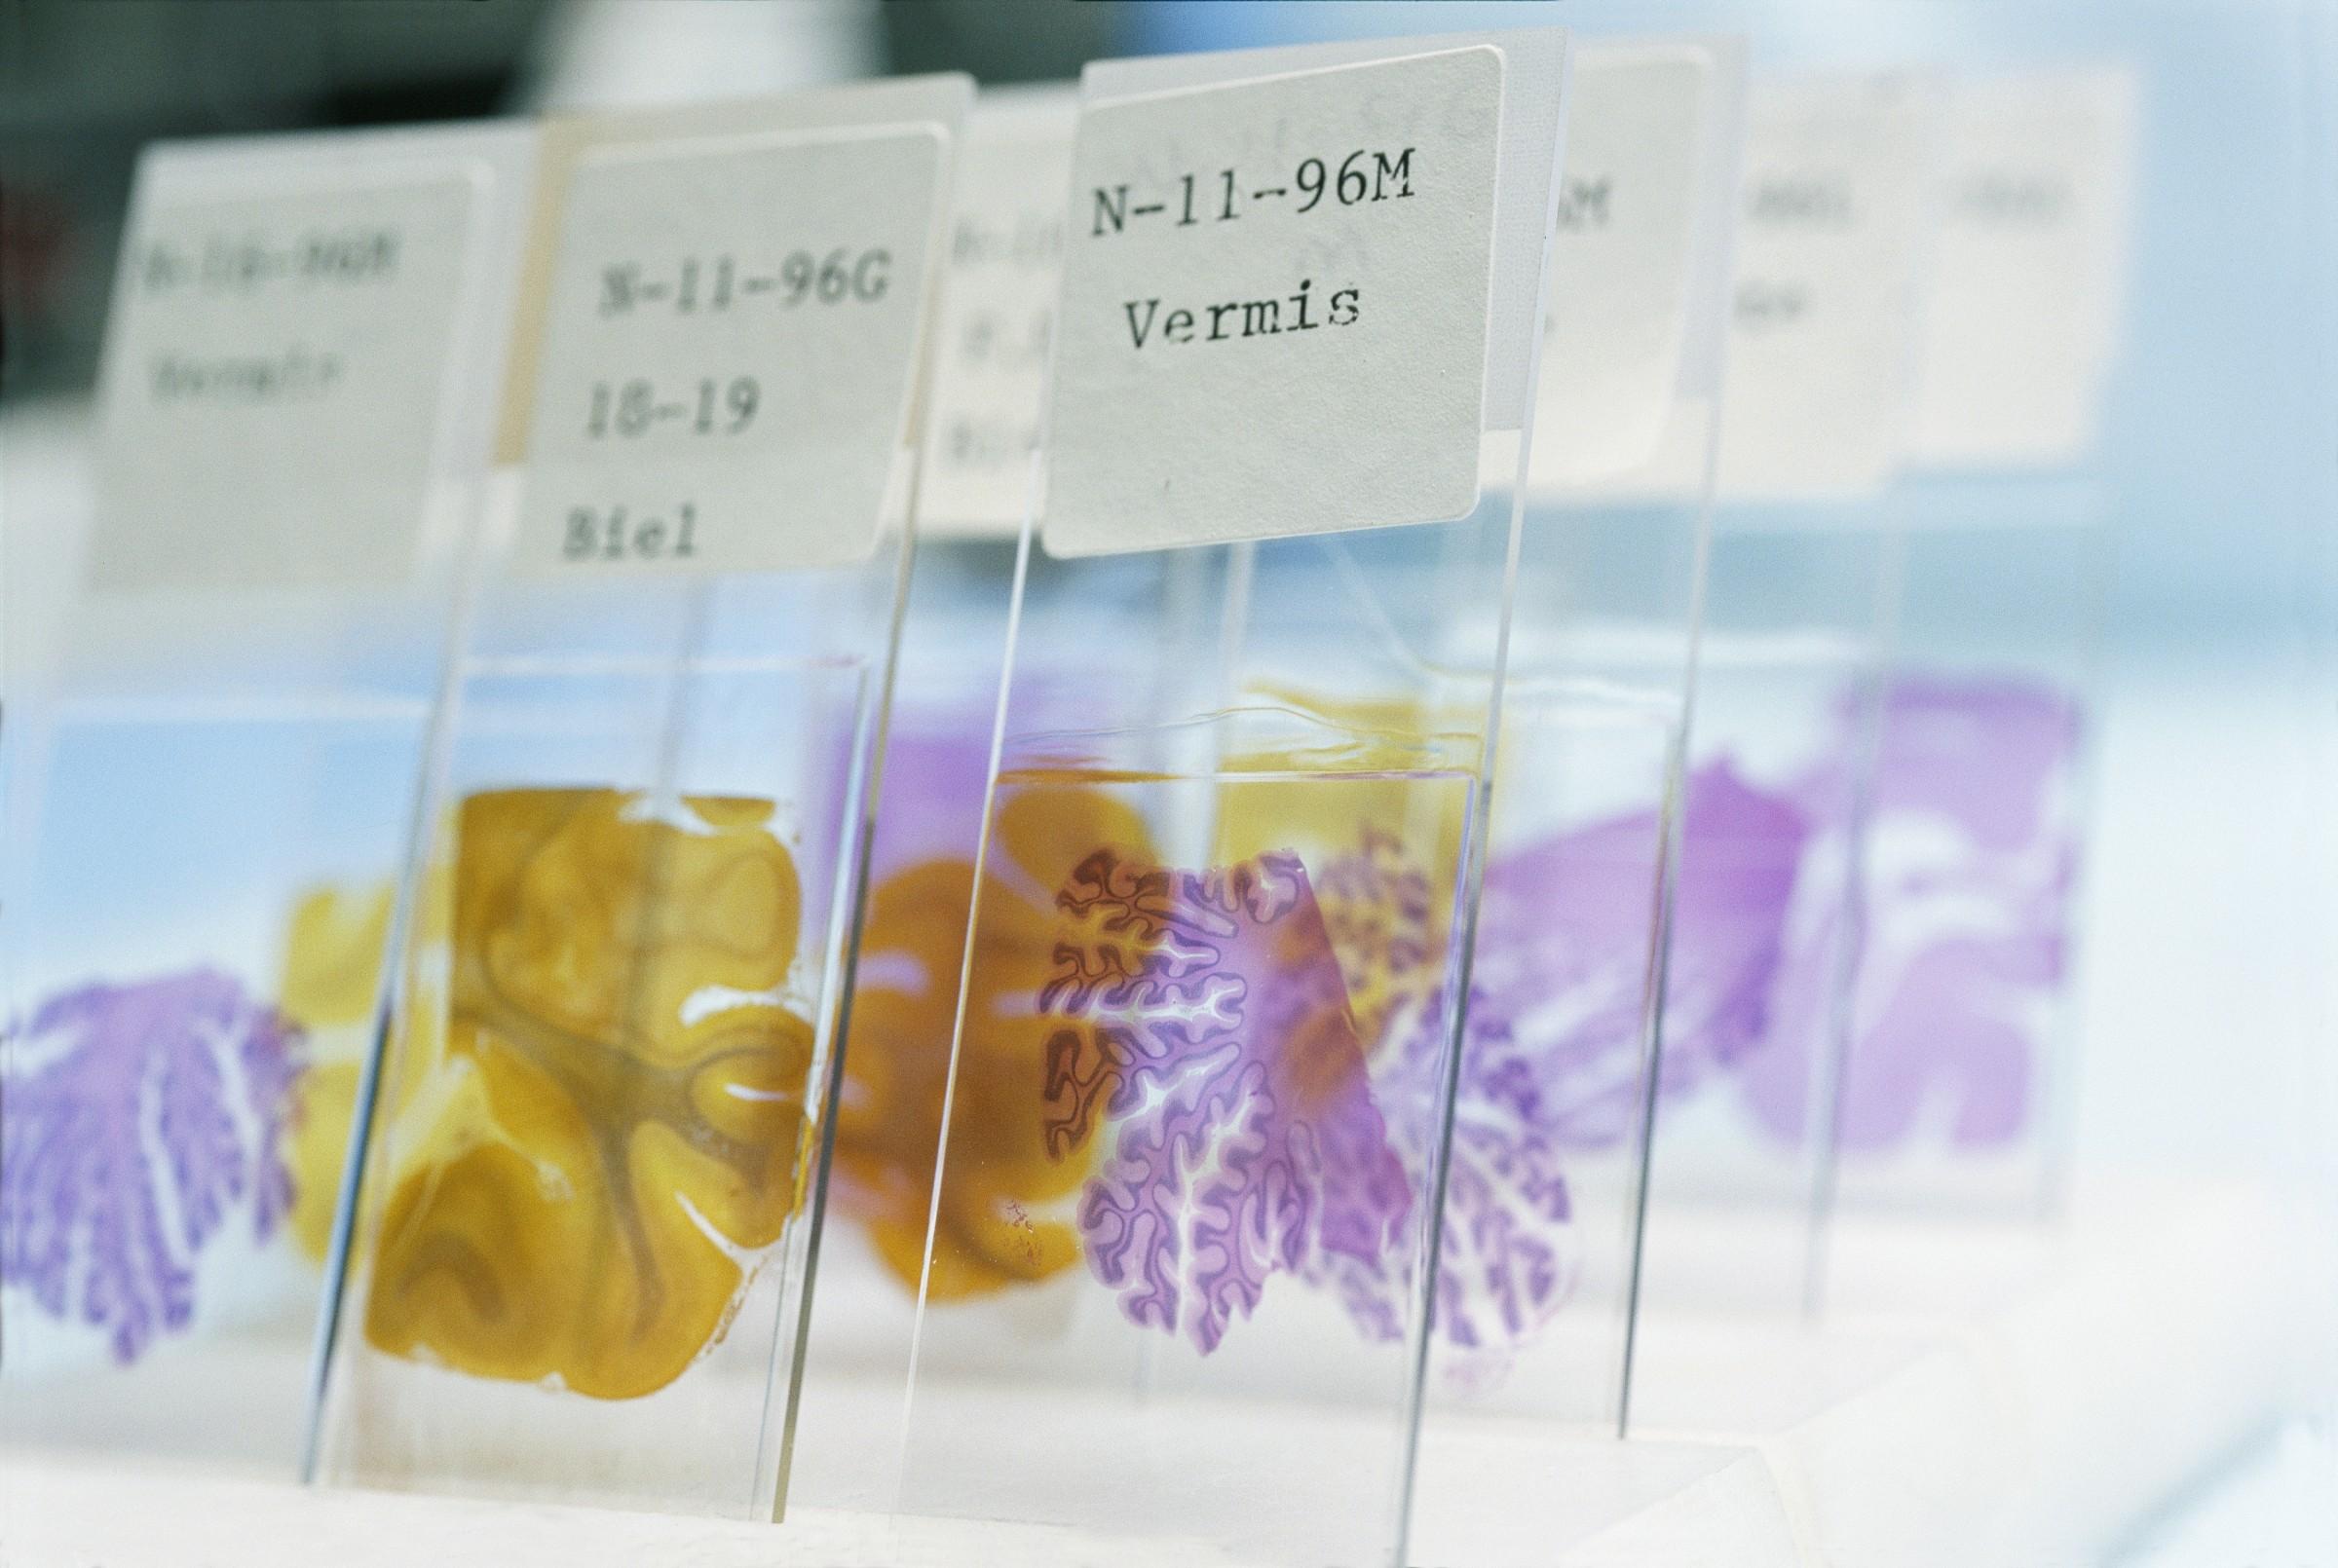 Muestras de tejido cerebral utilizadas el estudio de la enfermedad de Alzhéimer. Fotografía: Corbis